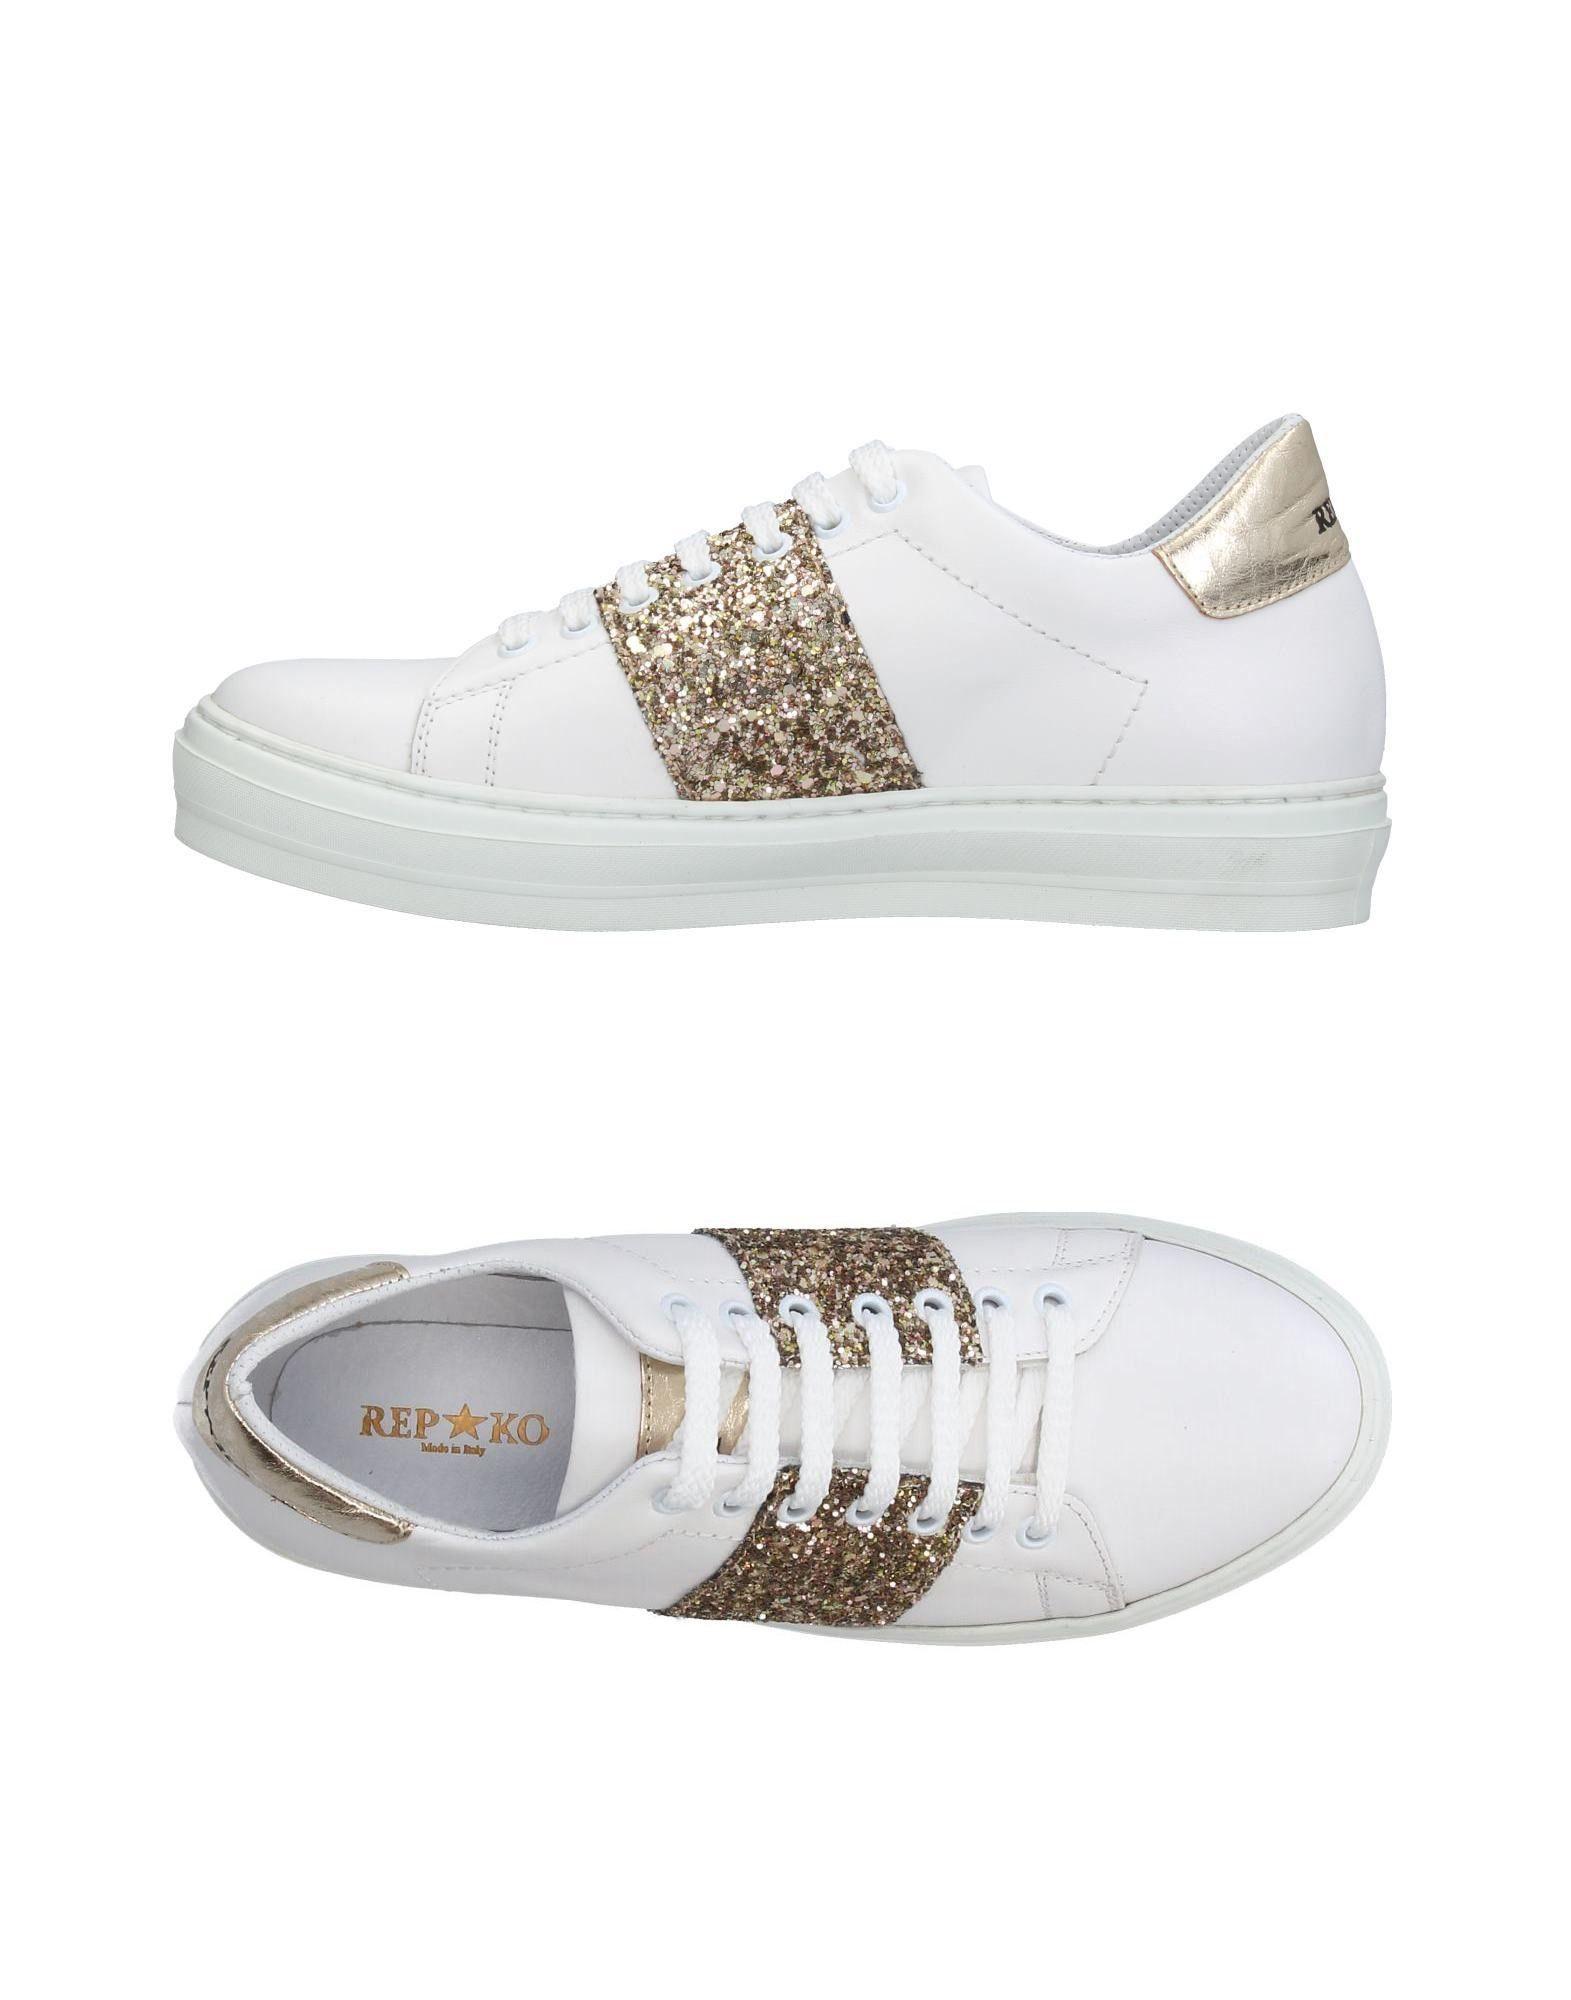 Moda Sneakers Rep★Ko Donna - 11367385FE 11367385FE - 3ffdd7